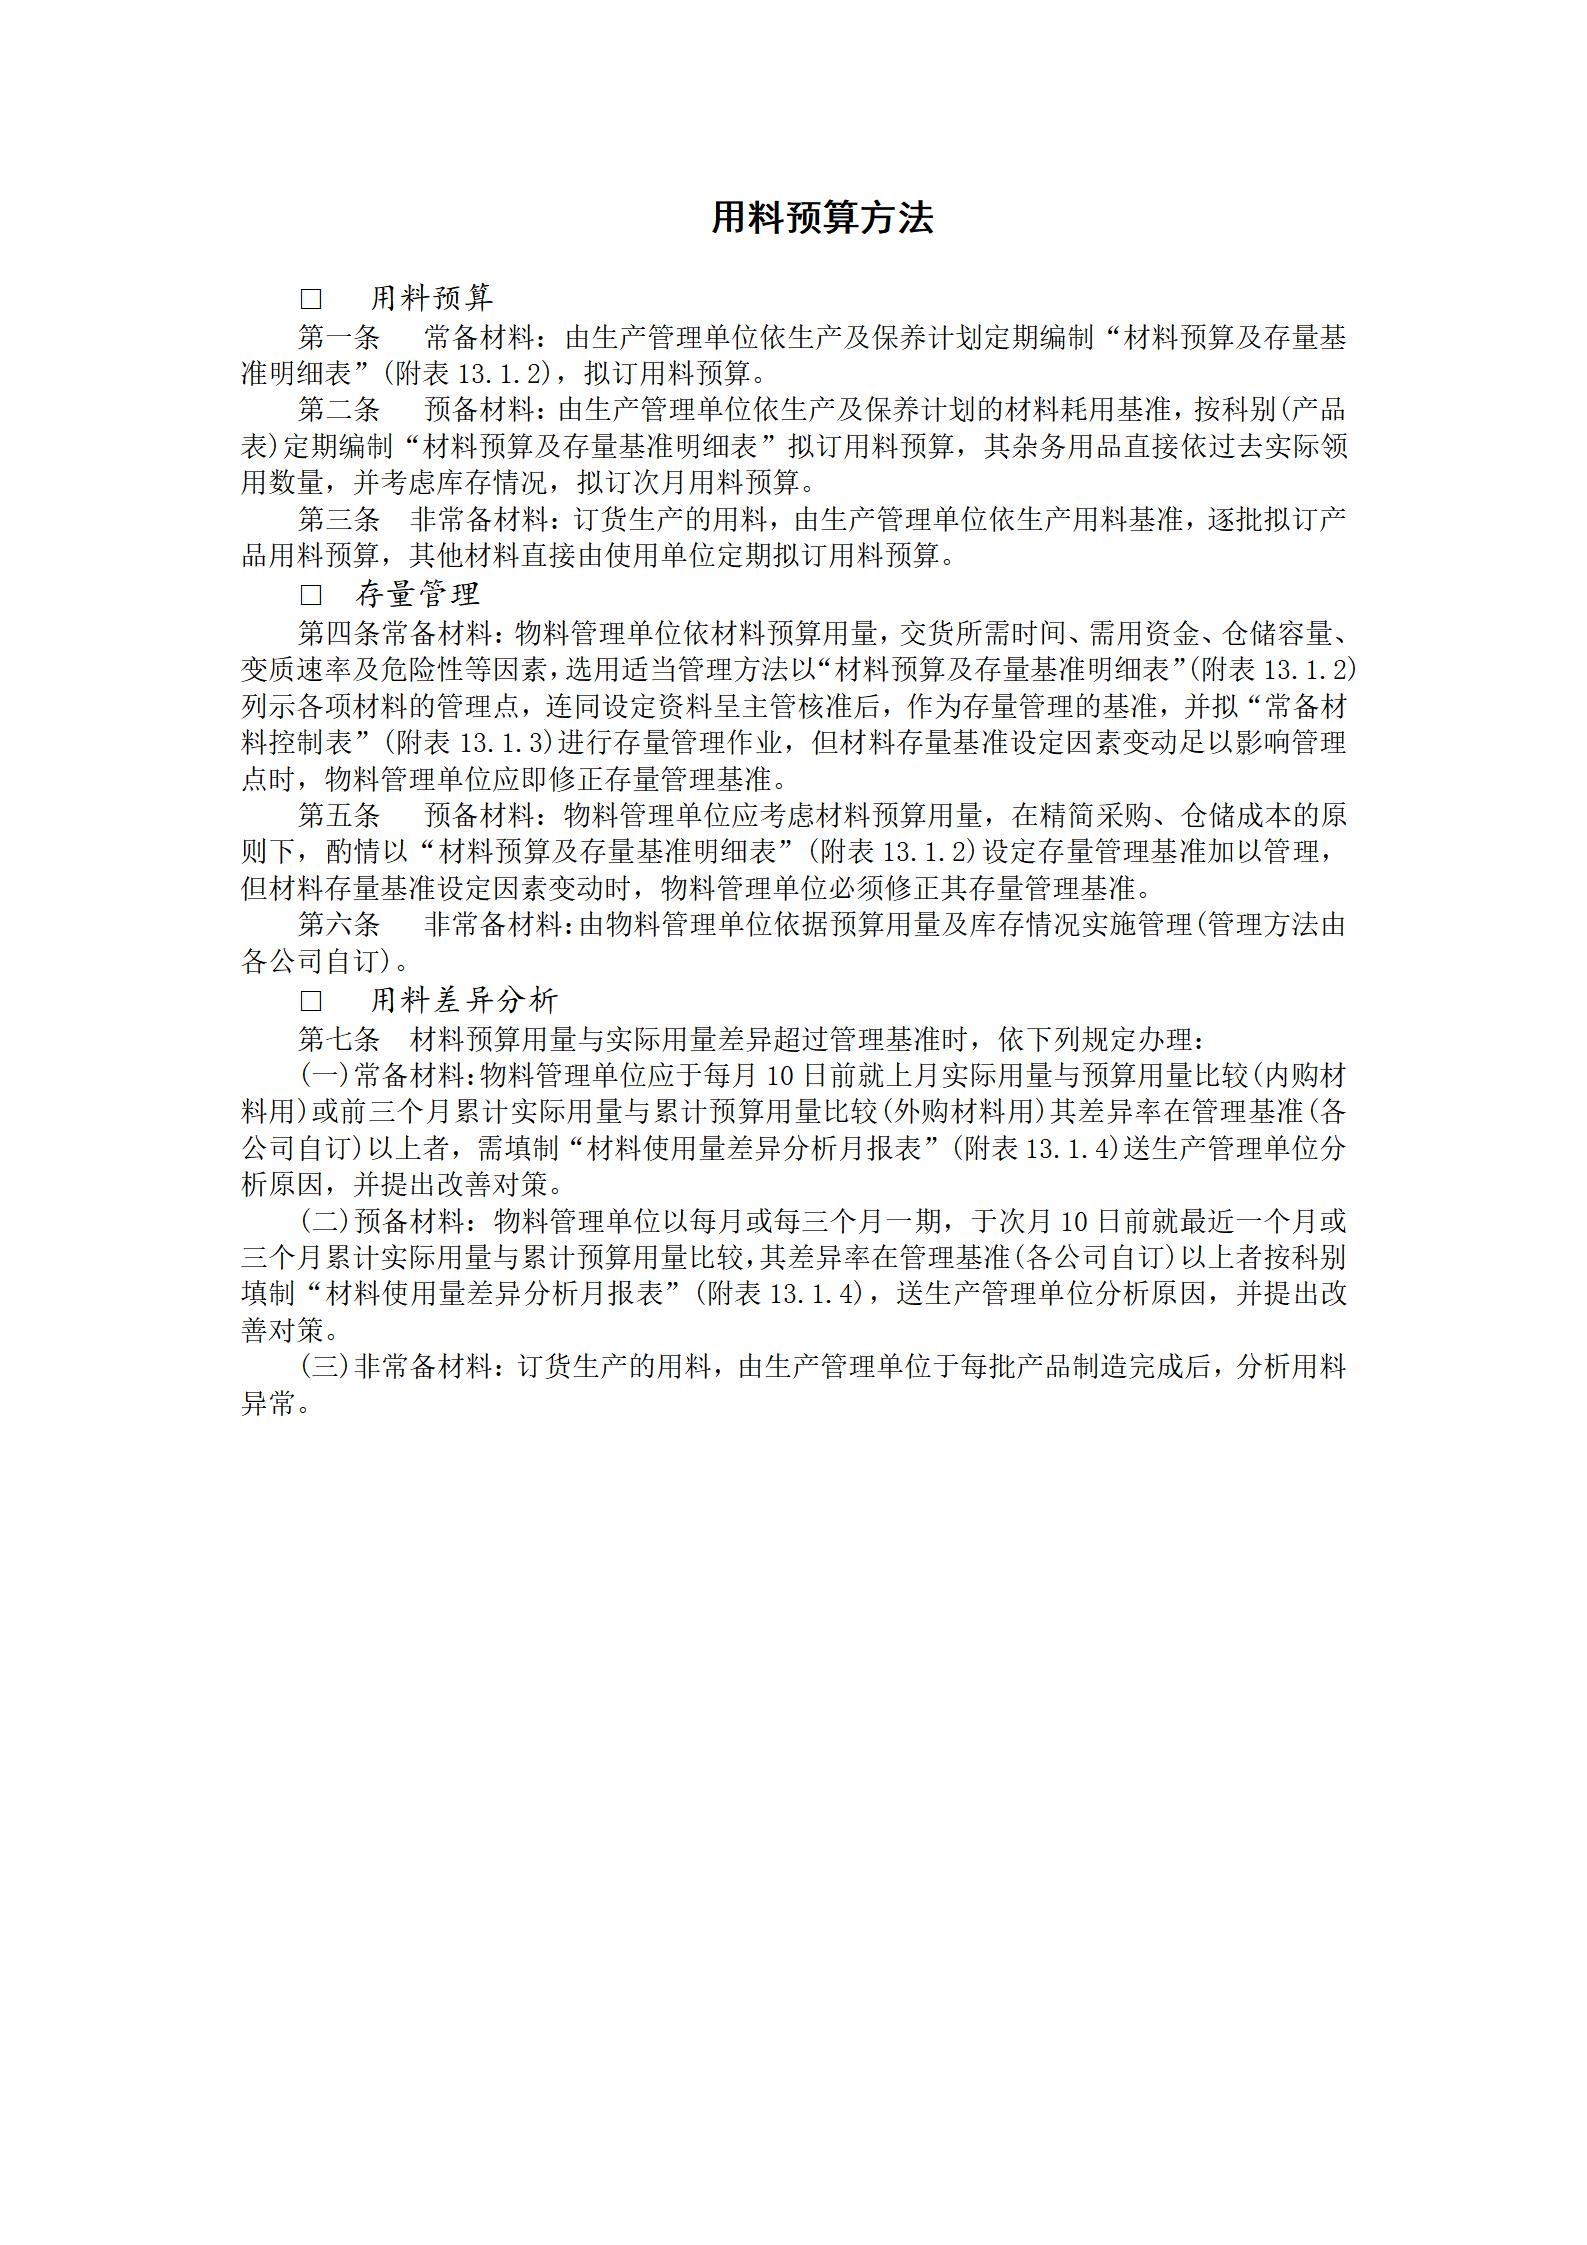 企业仓储管理制度-库存量制度之用料预算方法_01.png